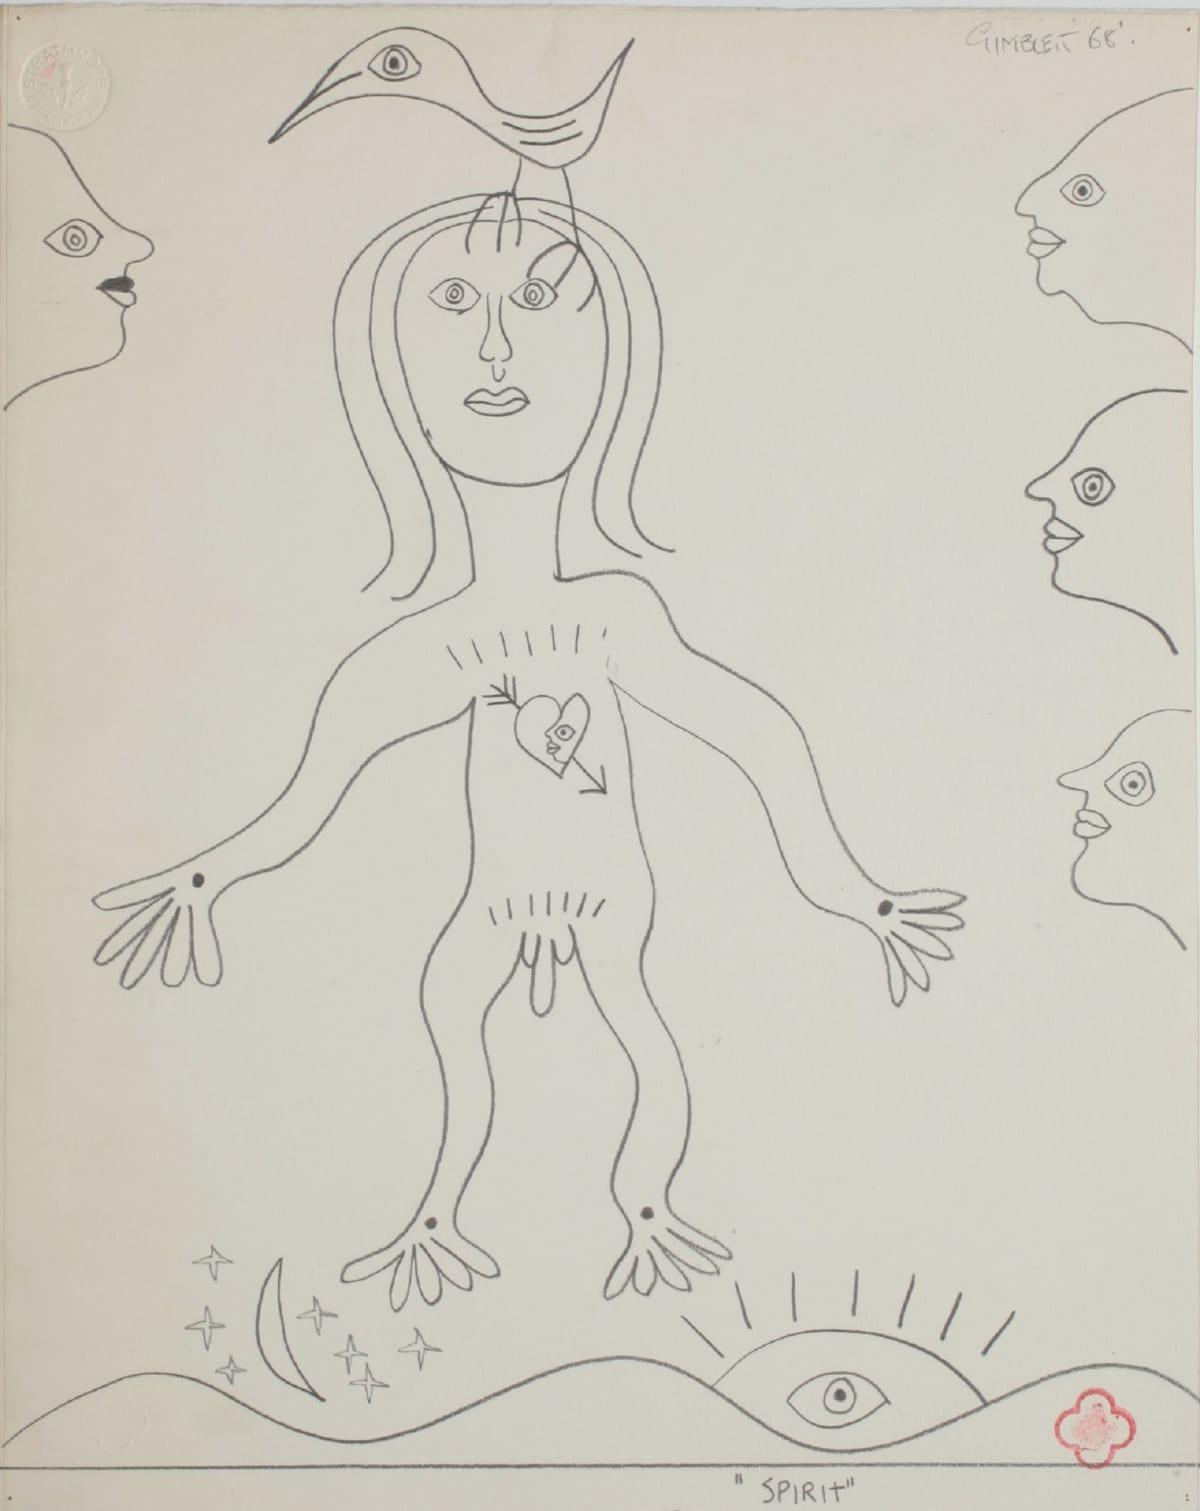 Max GIMBLETT Spirit, 1968 Pencil on paper 14 x 11 in 35.6 x 27.9 cm